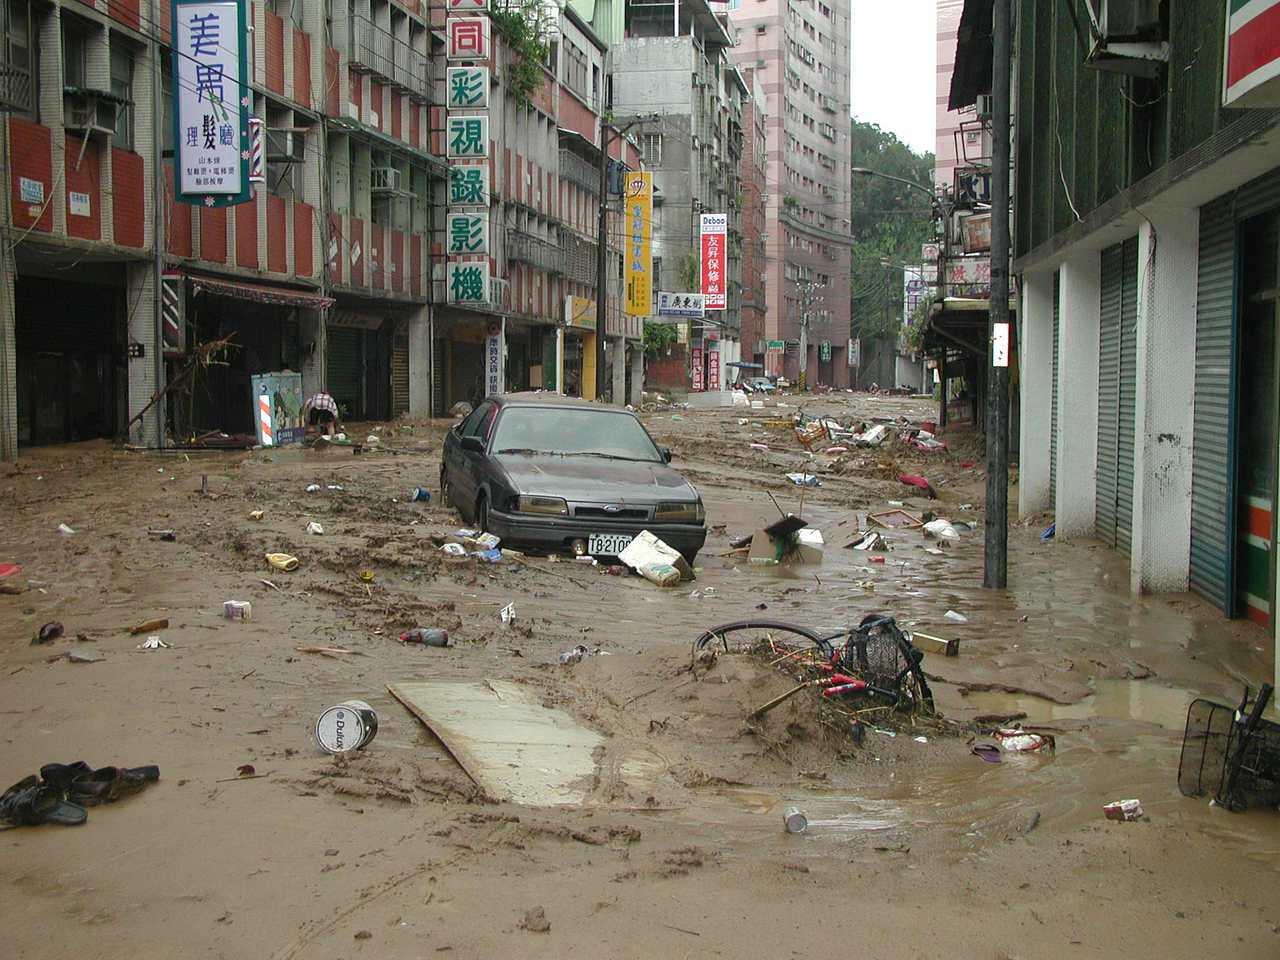 2001年9月18日納莉颱風後的汐止,街道泥濘不堪,垃圾和拋錨車輛佔滿街道。聯合...